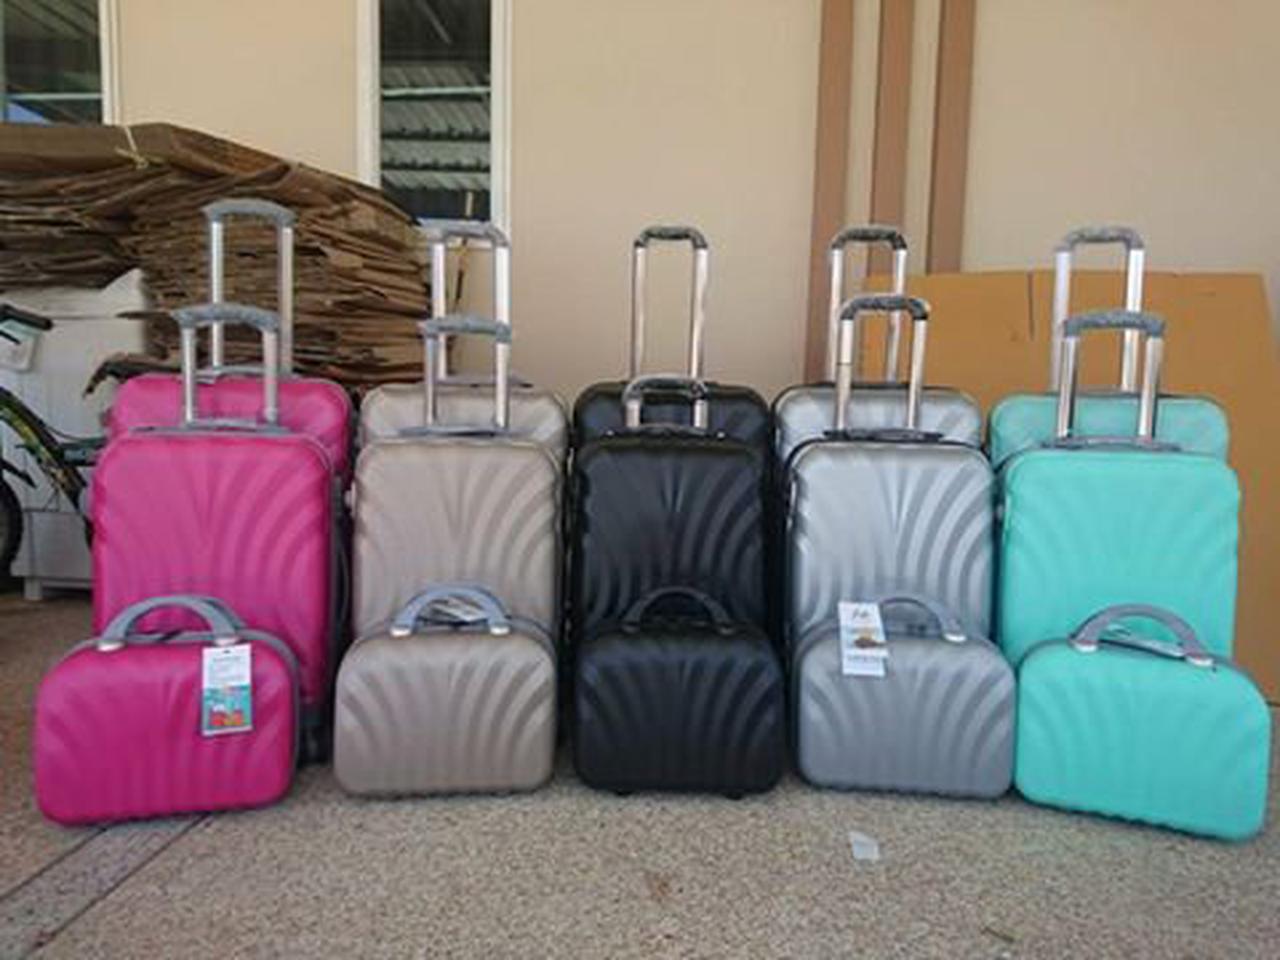 กระเป๋าเดินทาง รุ่น Fiber A รูปที่ 1